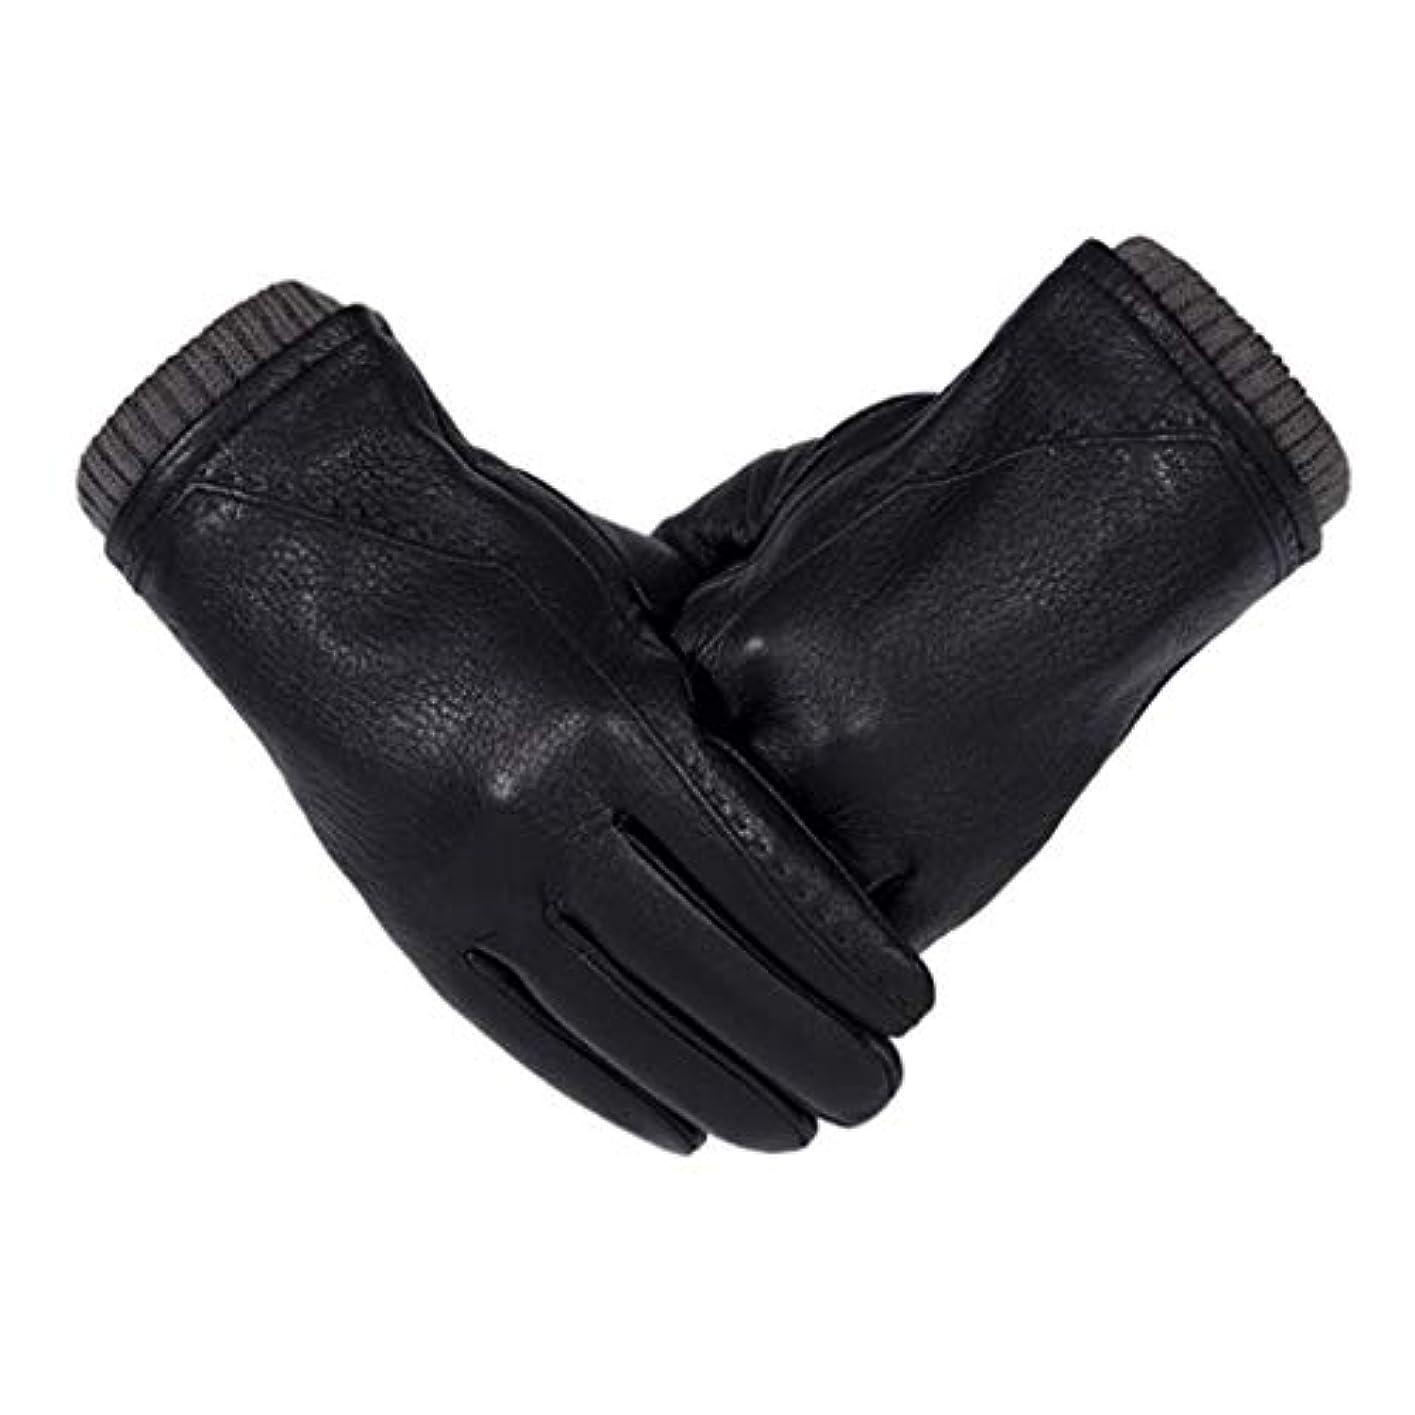 発生器パッチ会計士革の手袋男性の冬の厚いタッチタッチスクリーン駆動サイクリング男性の暖かい手袋